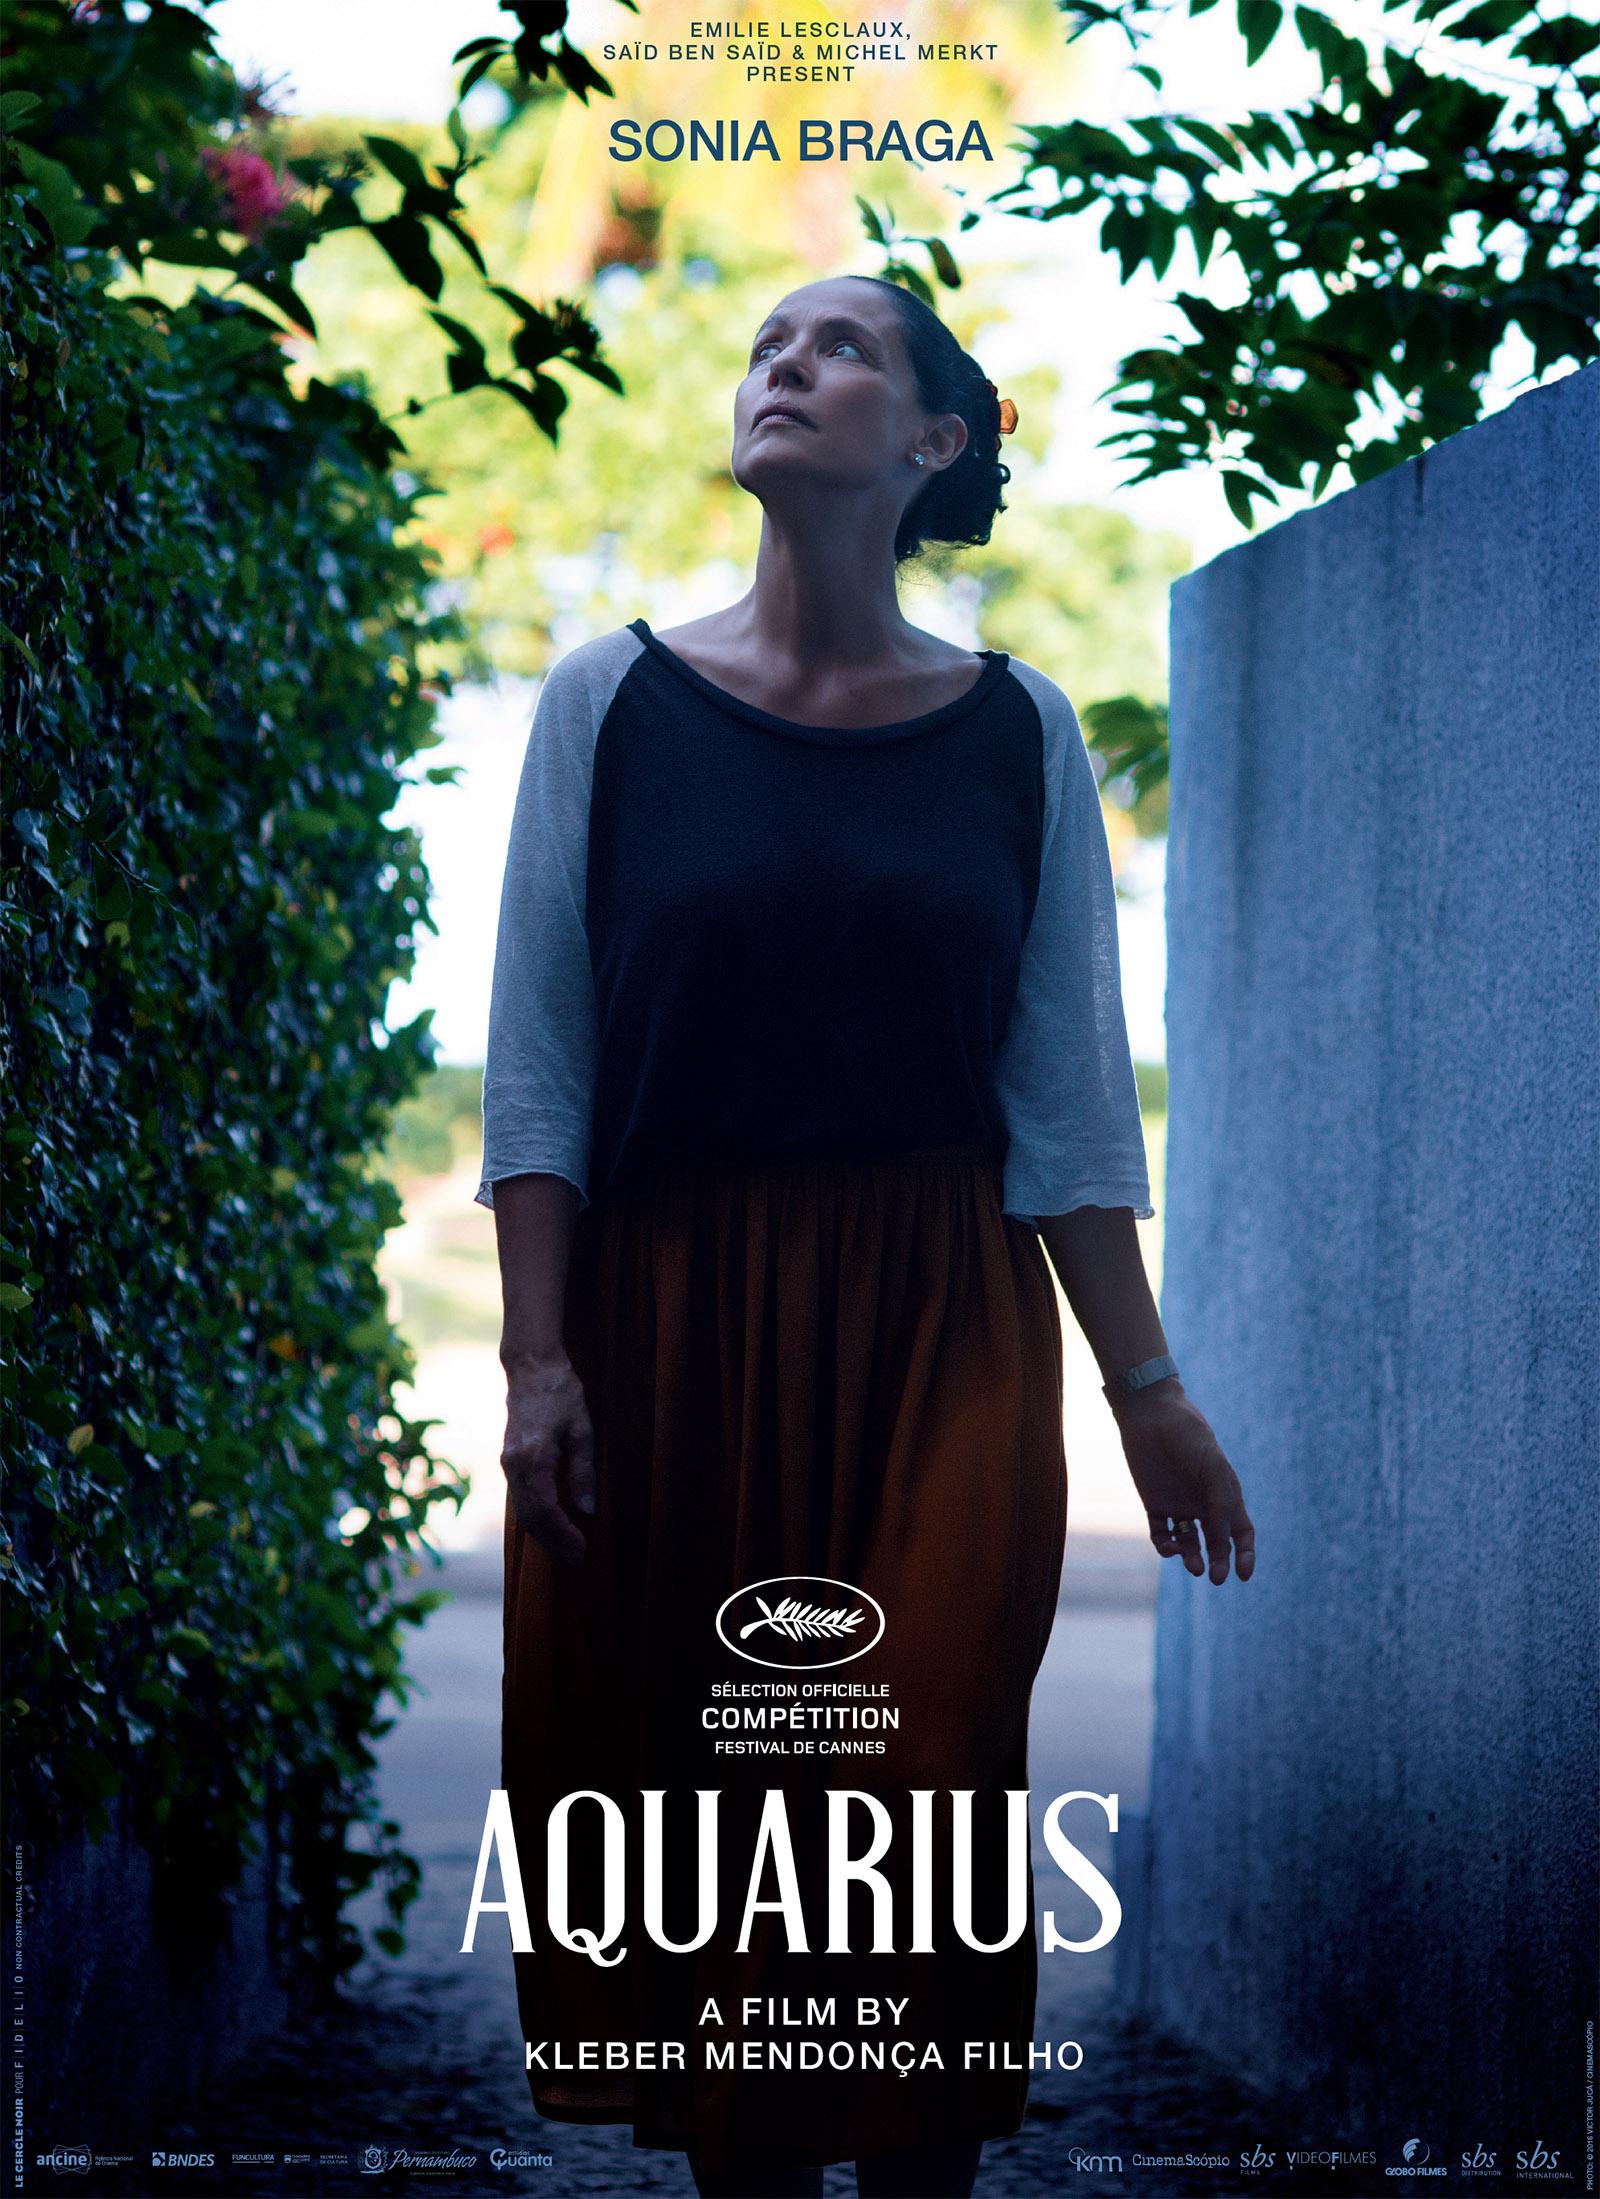 Aquarius (Kleber Mendonça Filho, 2016)